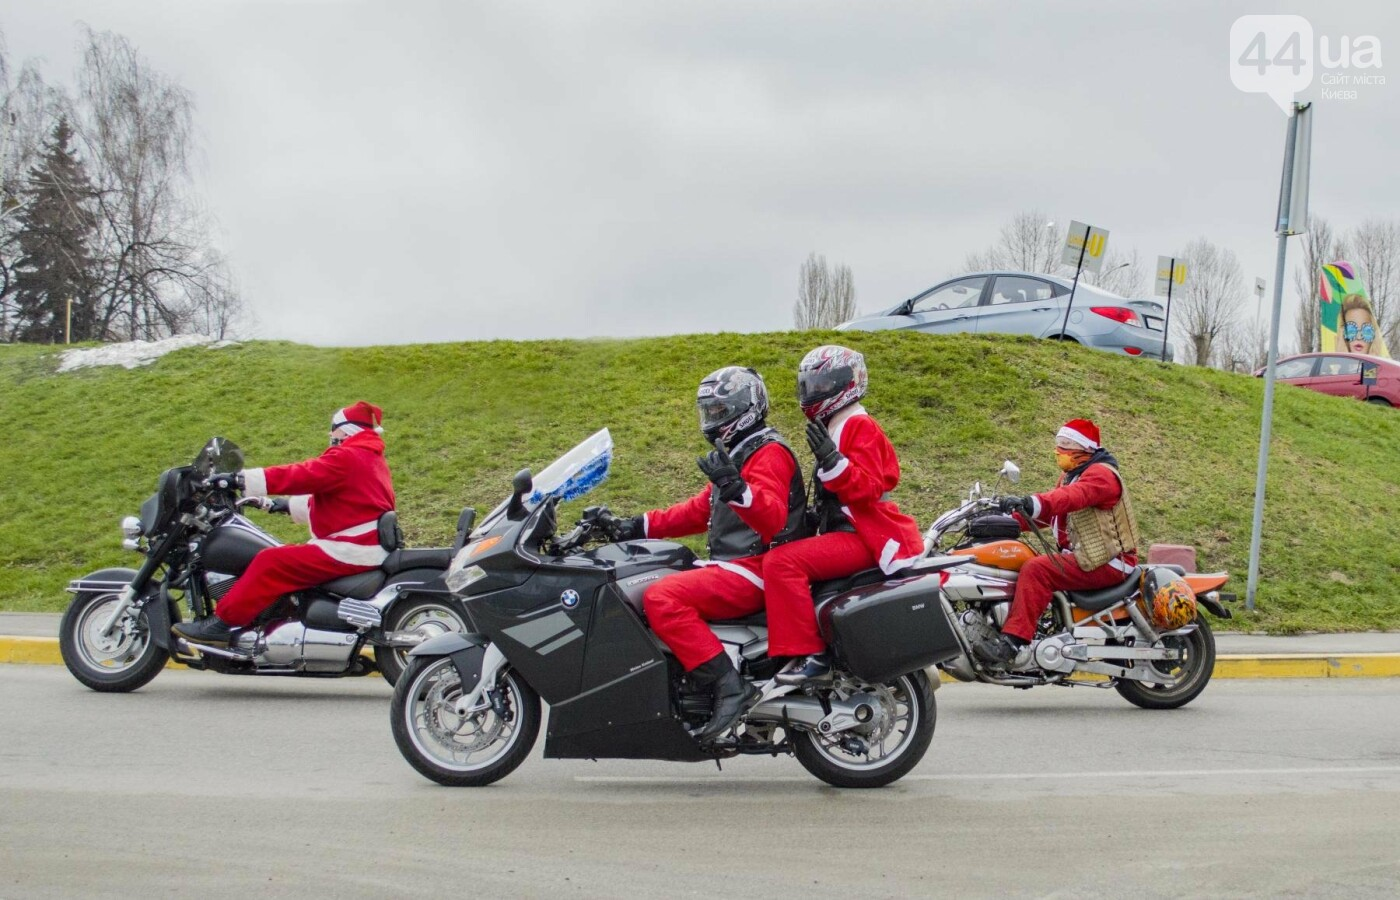 В Киеве брутальные байкеры в костюмах Санта-Клаусов устроили масштабный мотопробег (ФОТО), фото-2